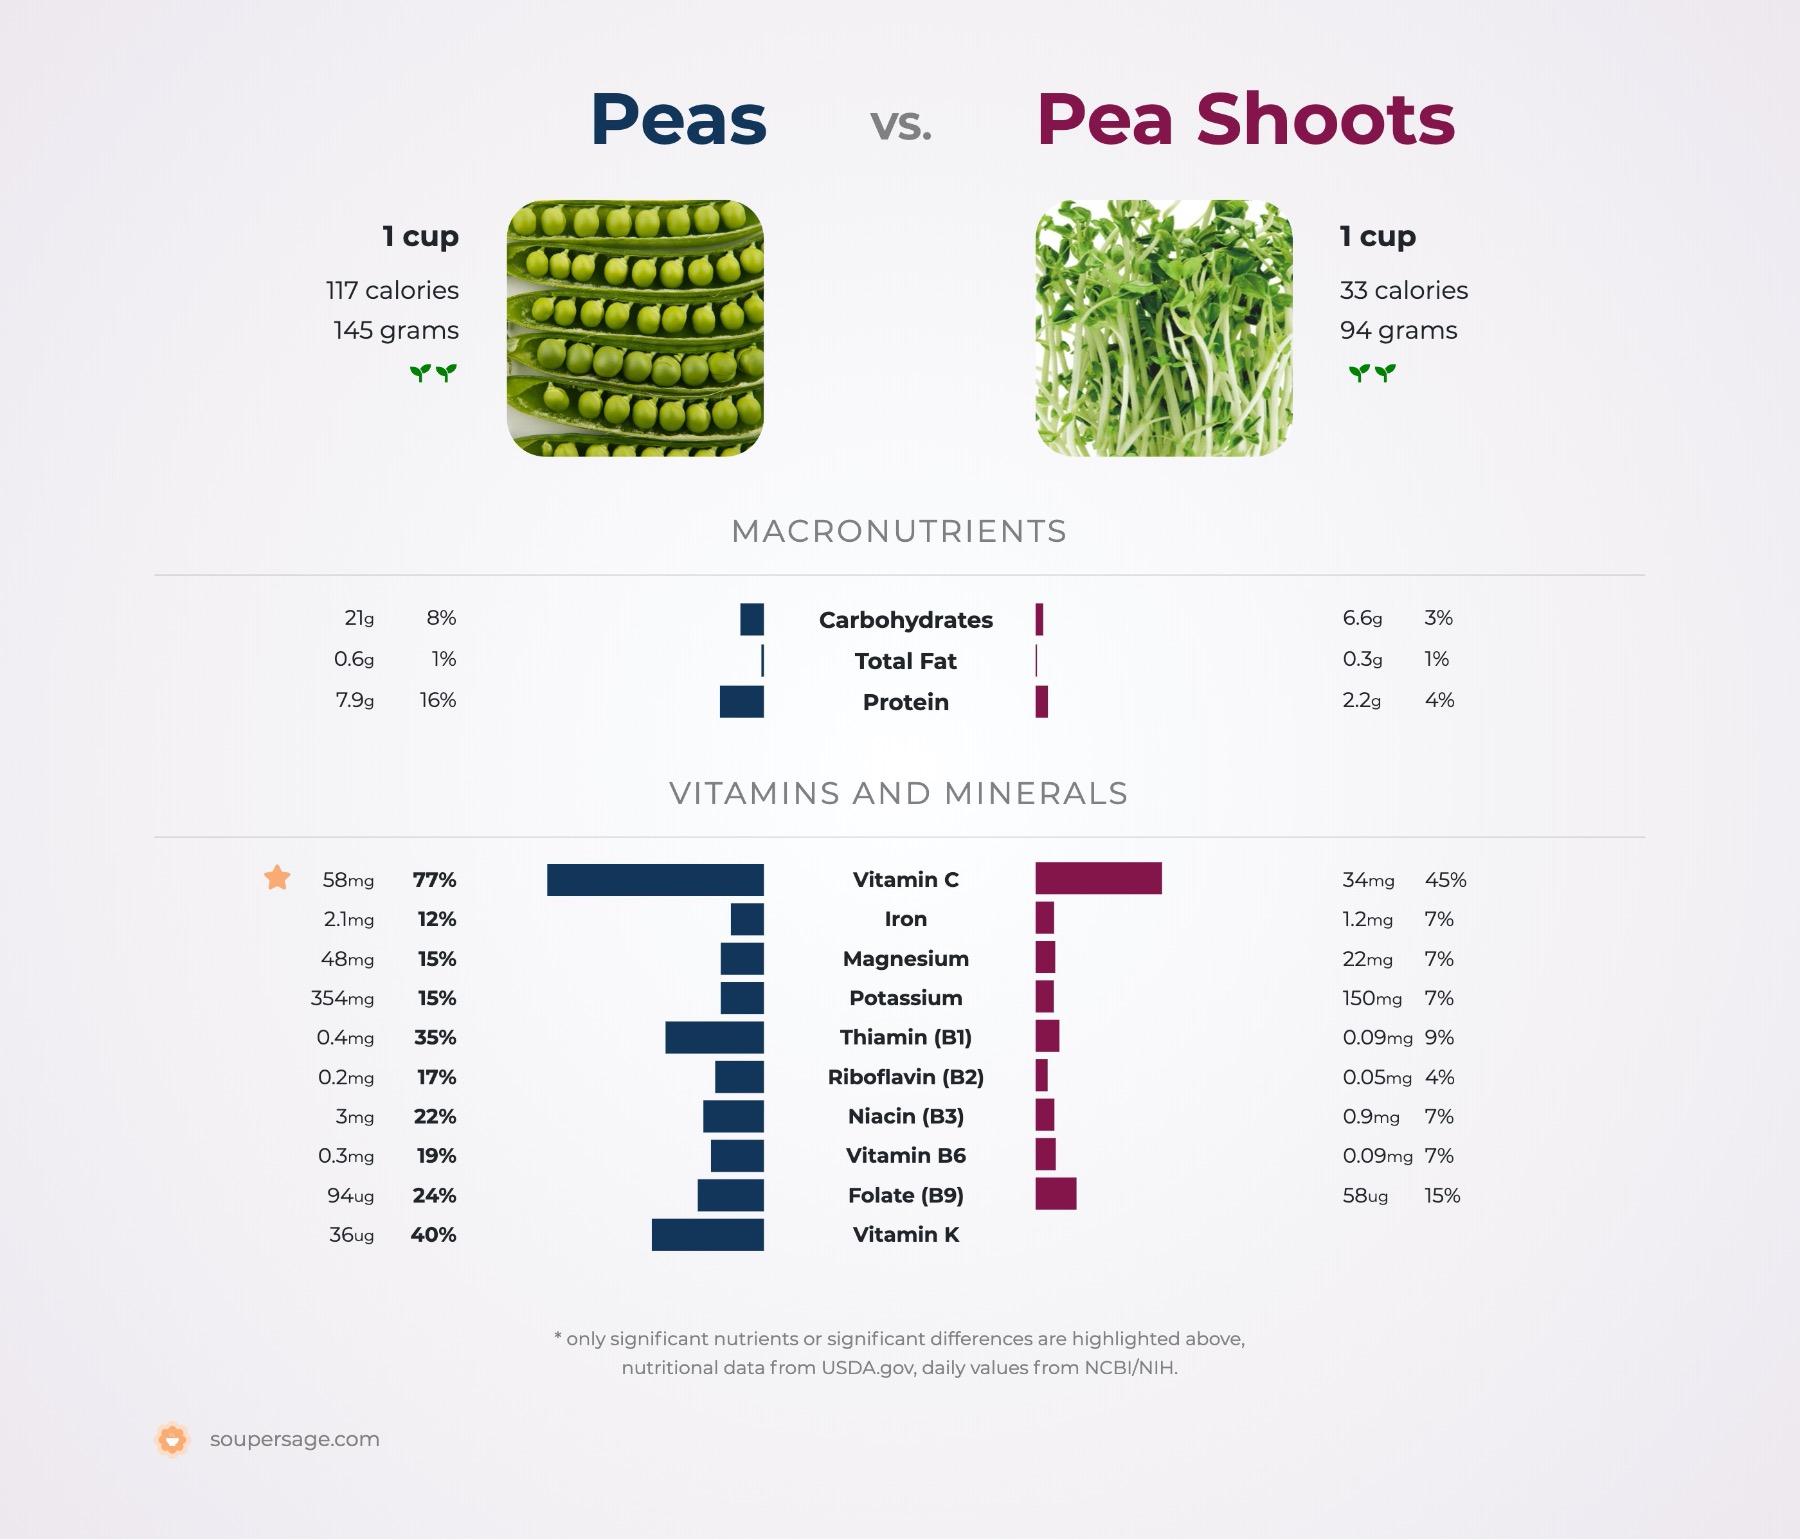 nutrition comparison of pea shoots vs. peas